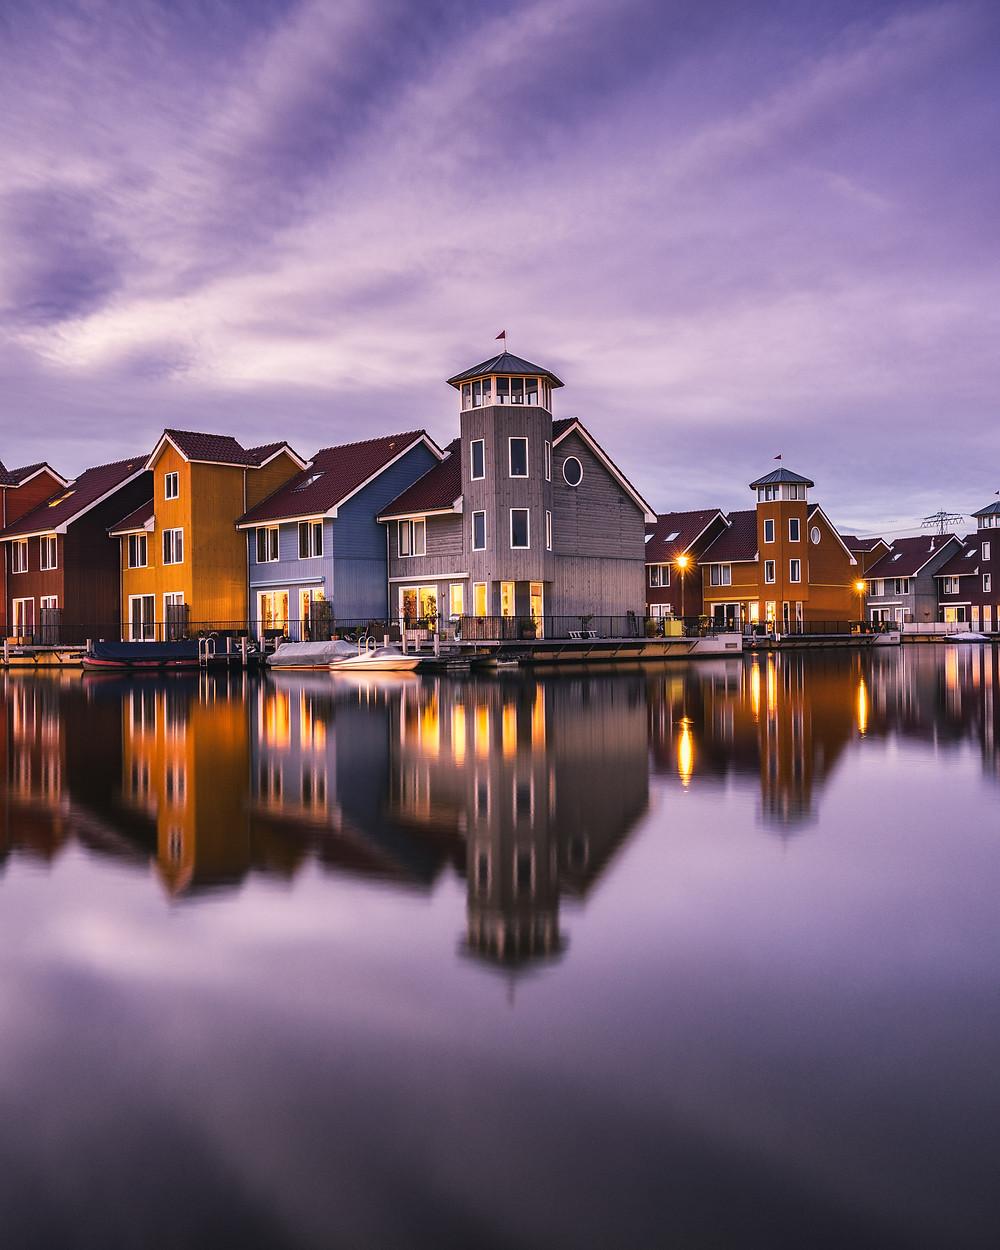 Reitdiephaven, Reitdiep, Groningen